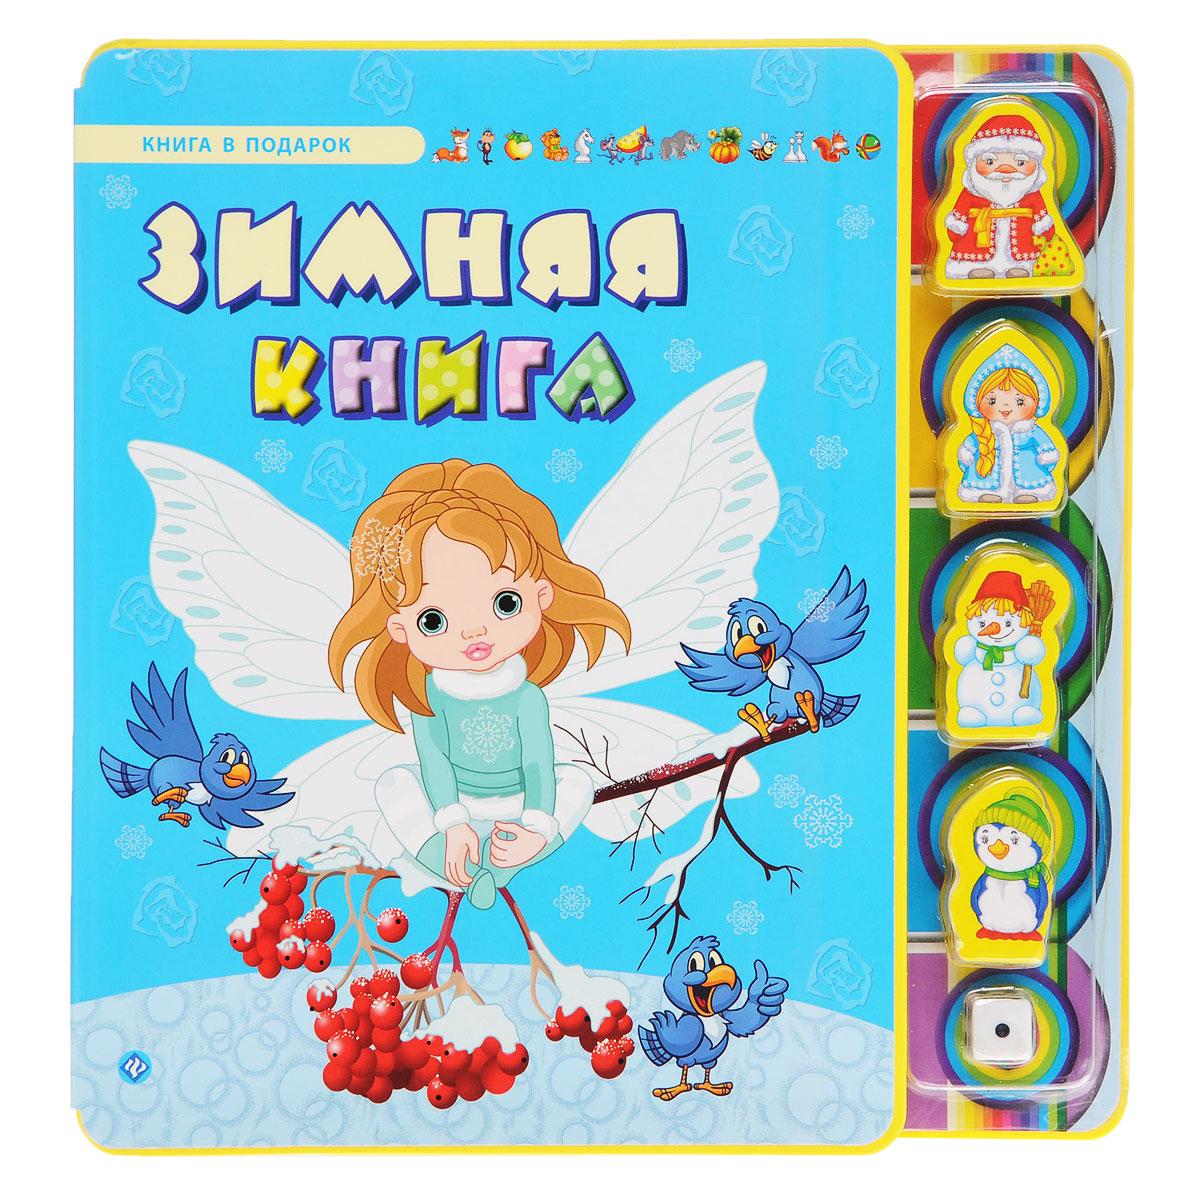 С. Гордиенко, А. Фет, Н. Некрасов Зимняя книга (+ 5 игрушек) какой велик годовалому малышу